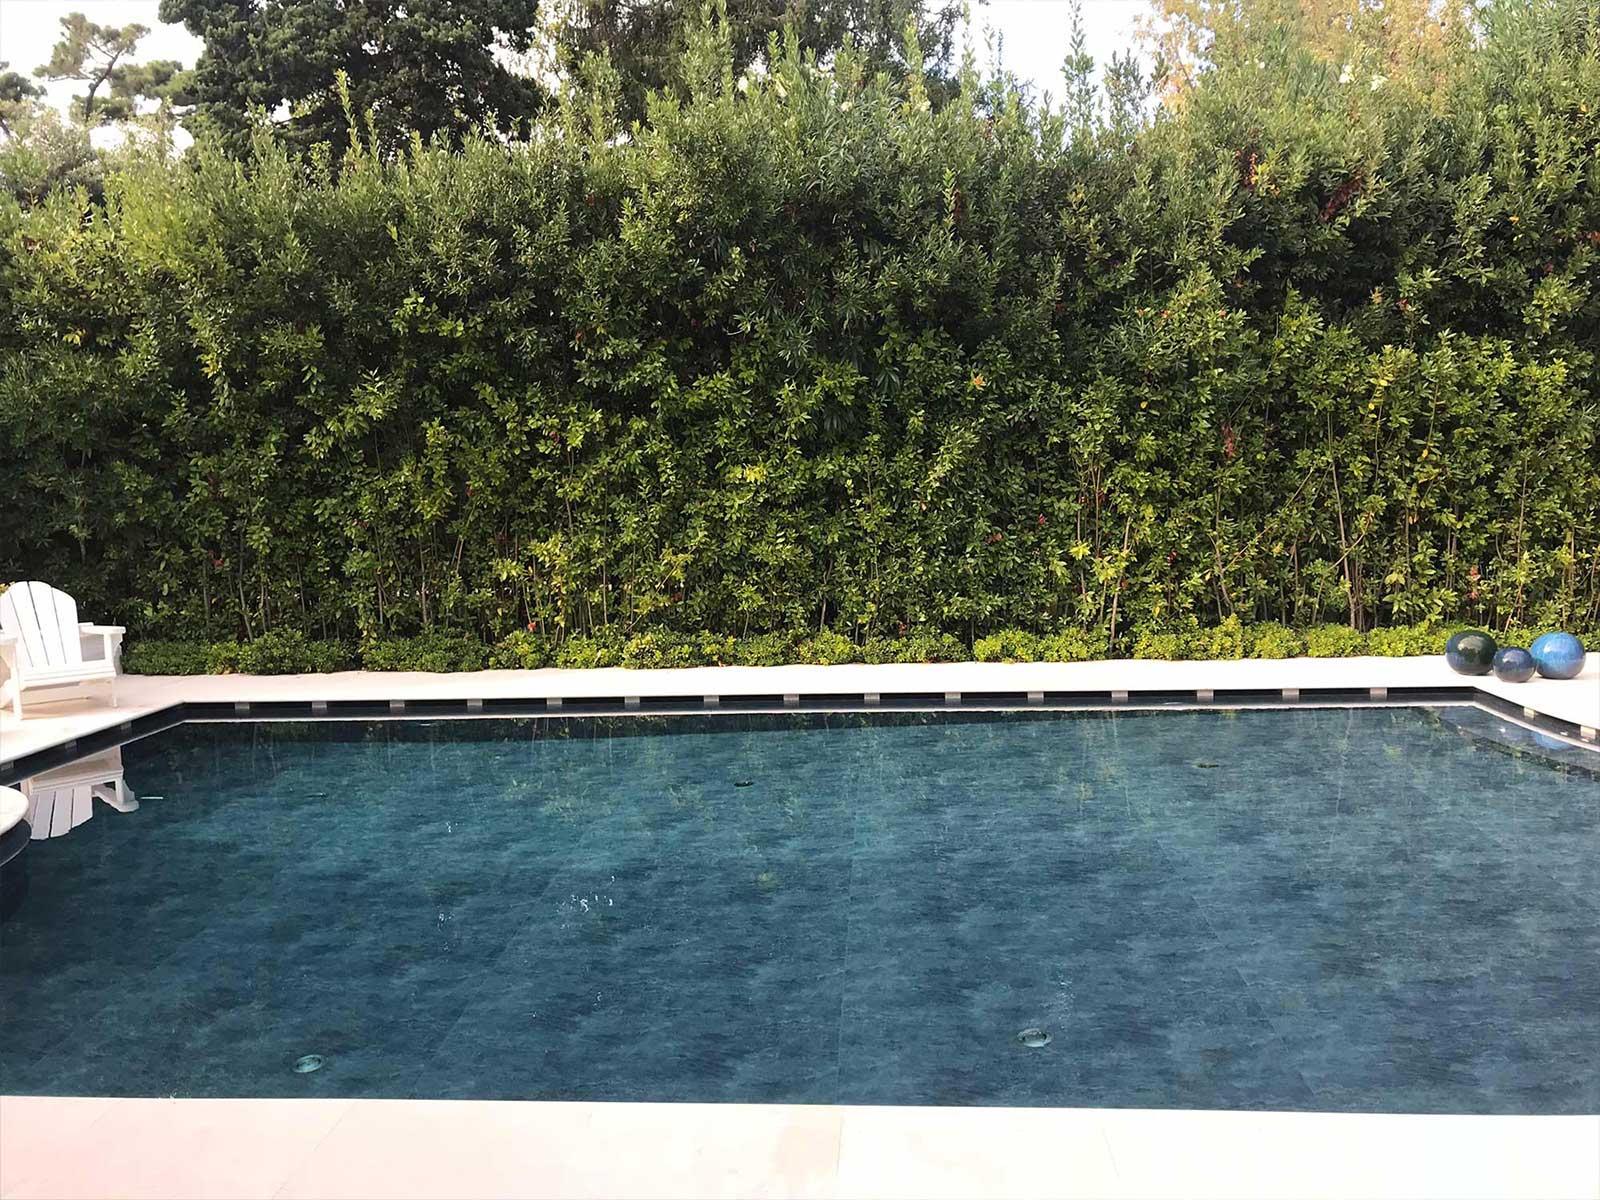 piscina a sfioro con rivestimento nero